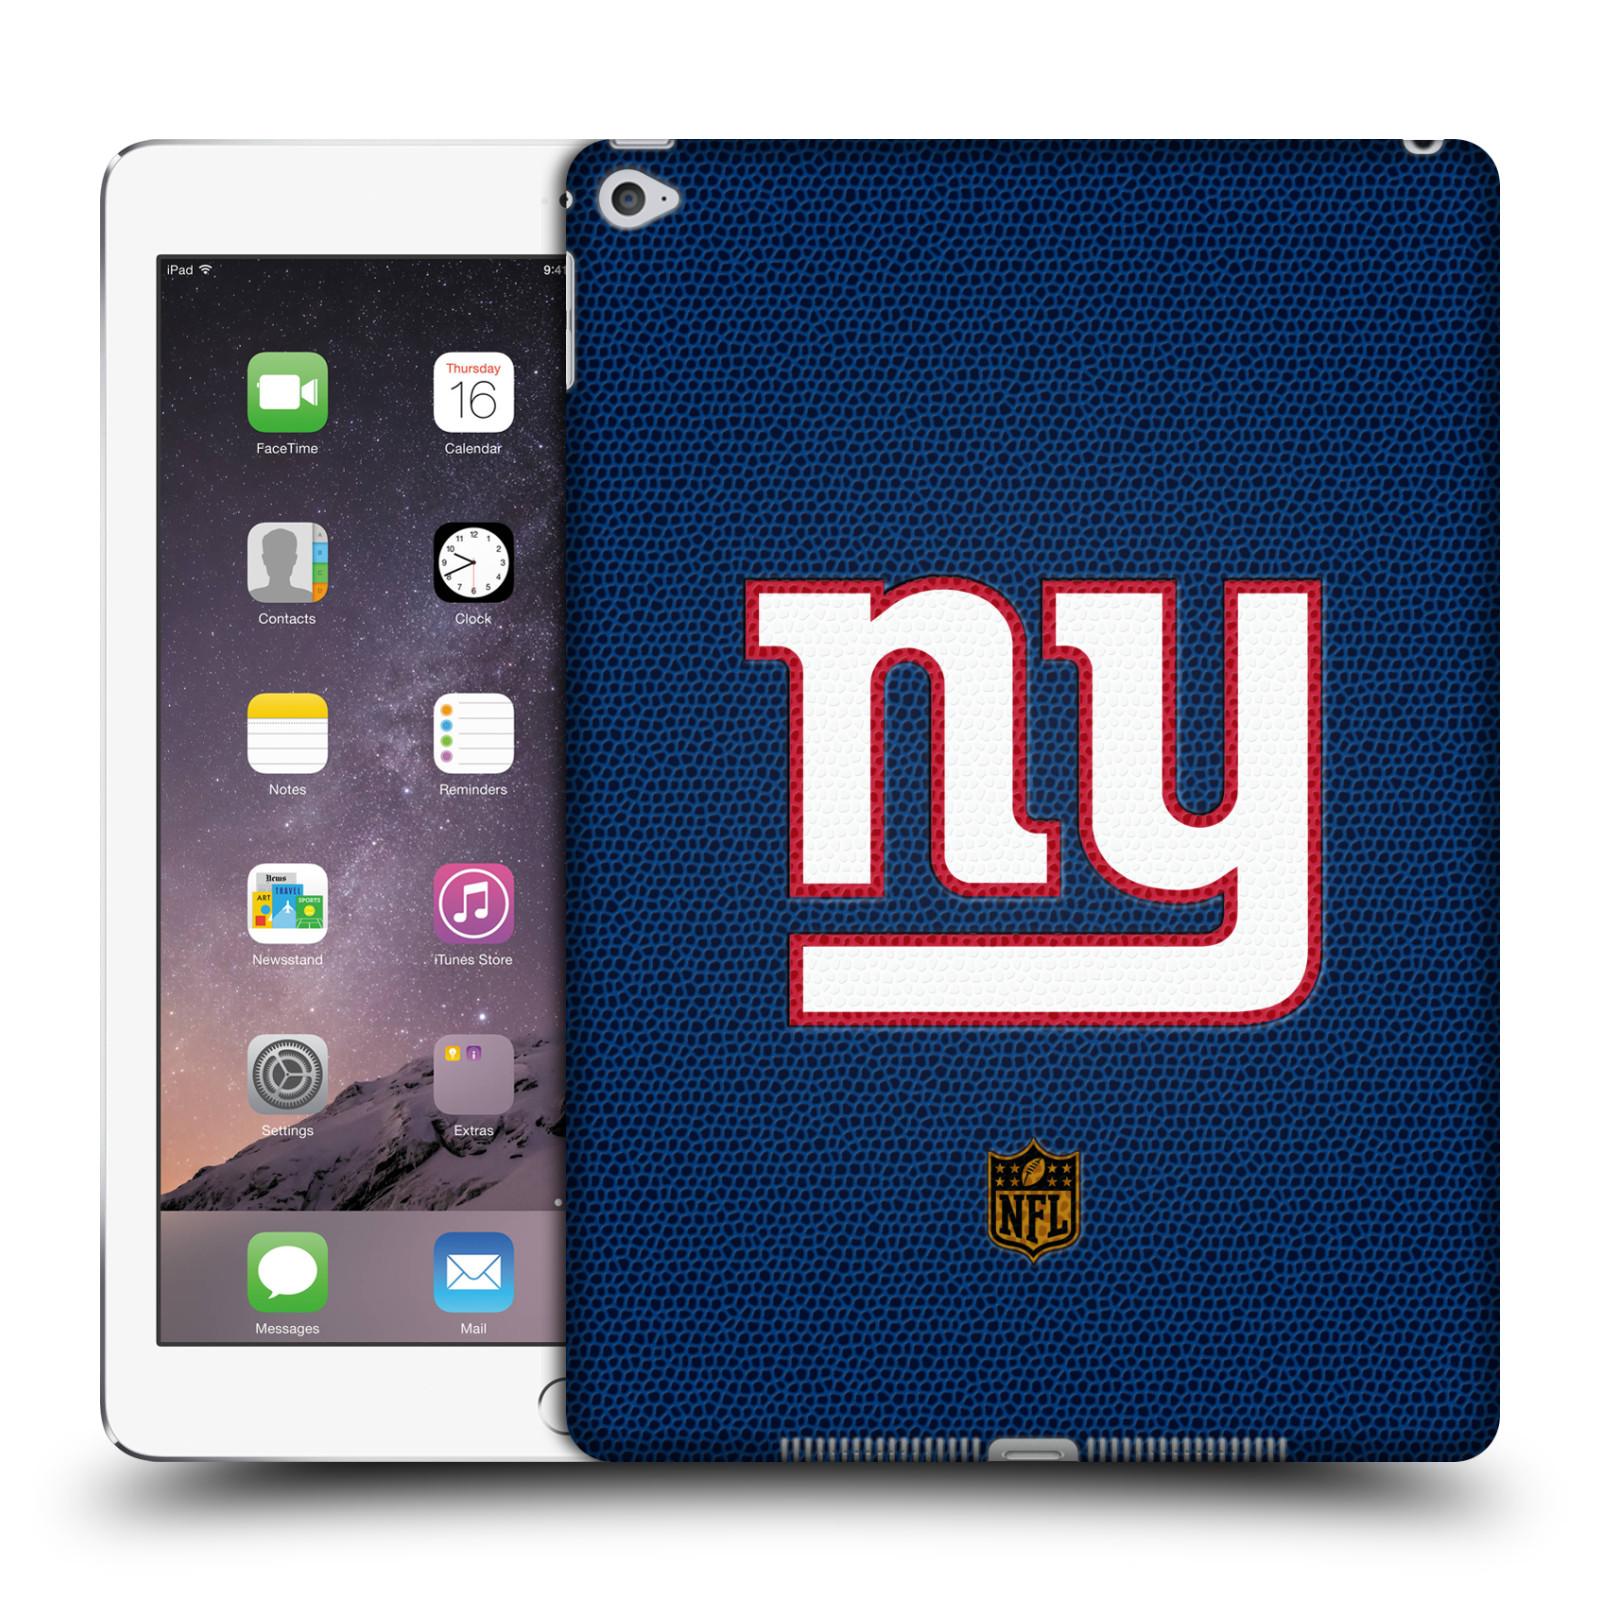 official nfl new york giants logo hard back case for apple. Black Bedroom Furniture Sets. Home Design Ideas